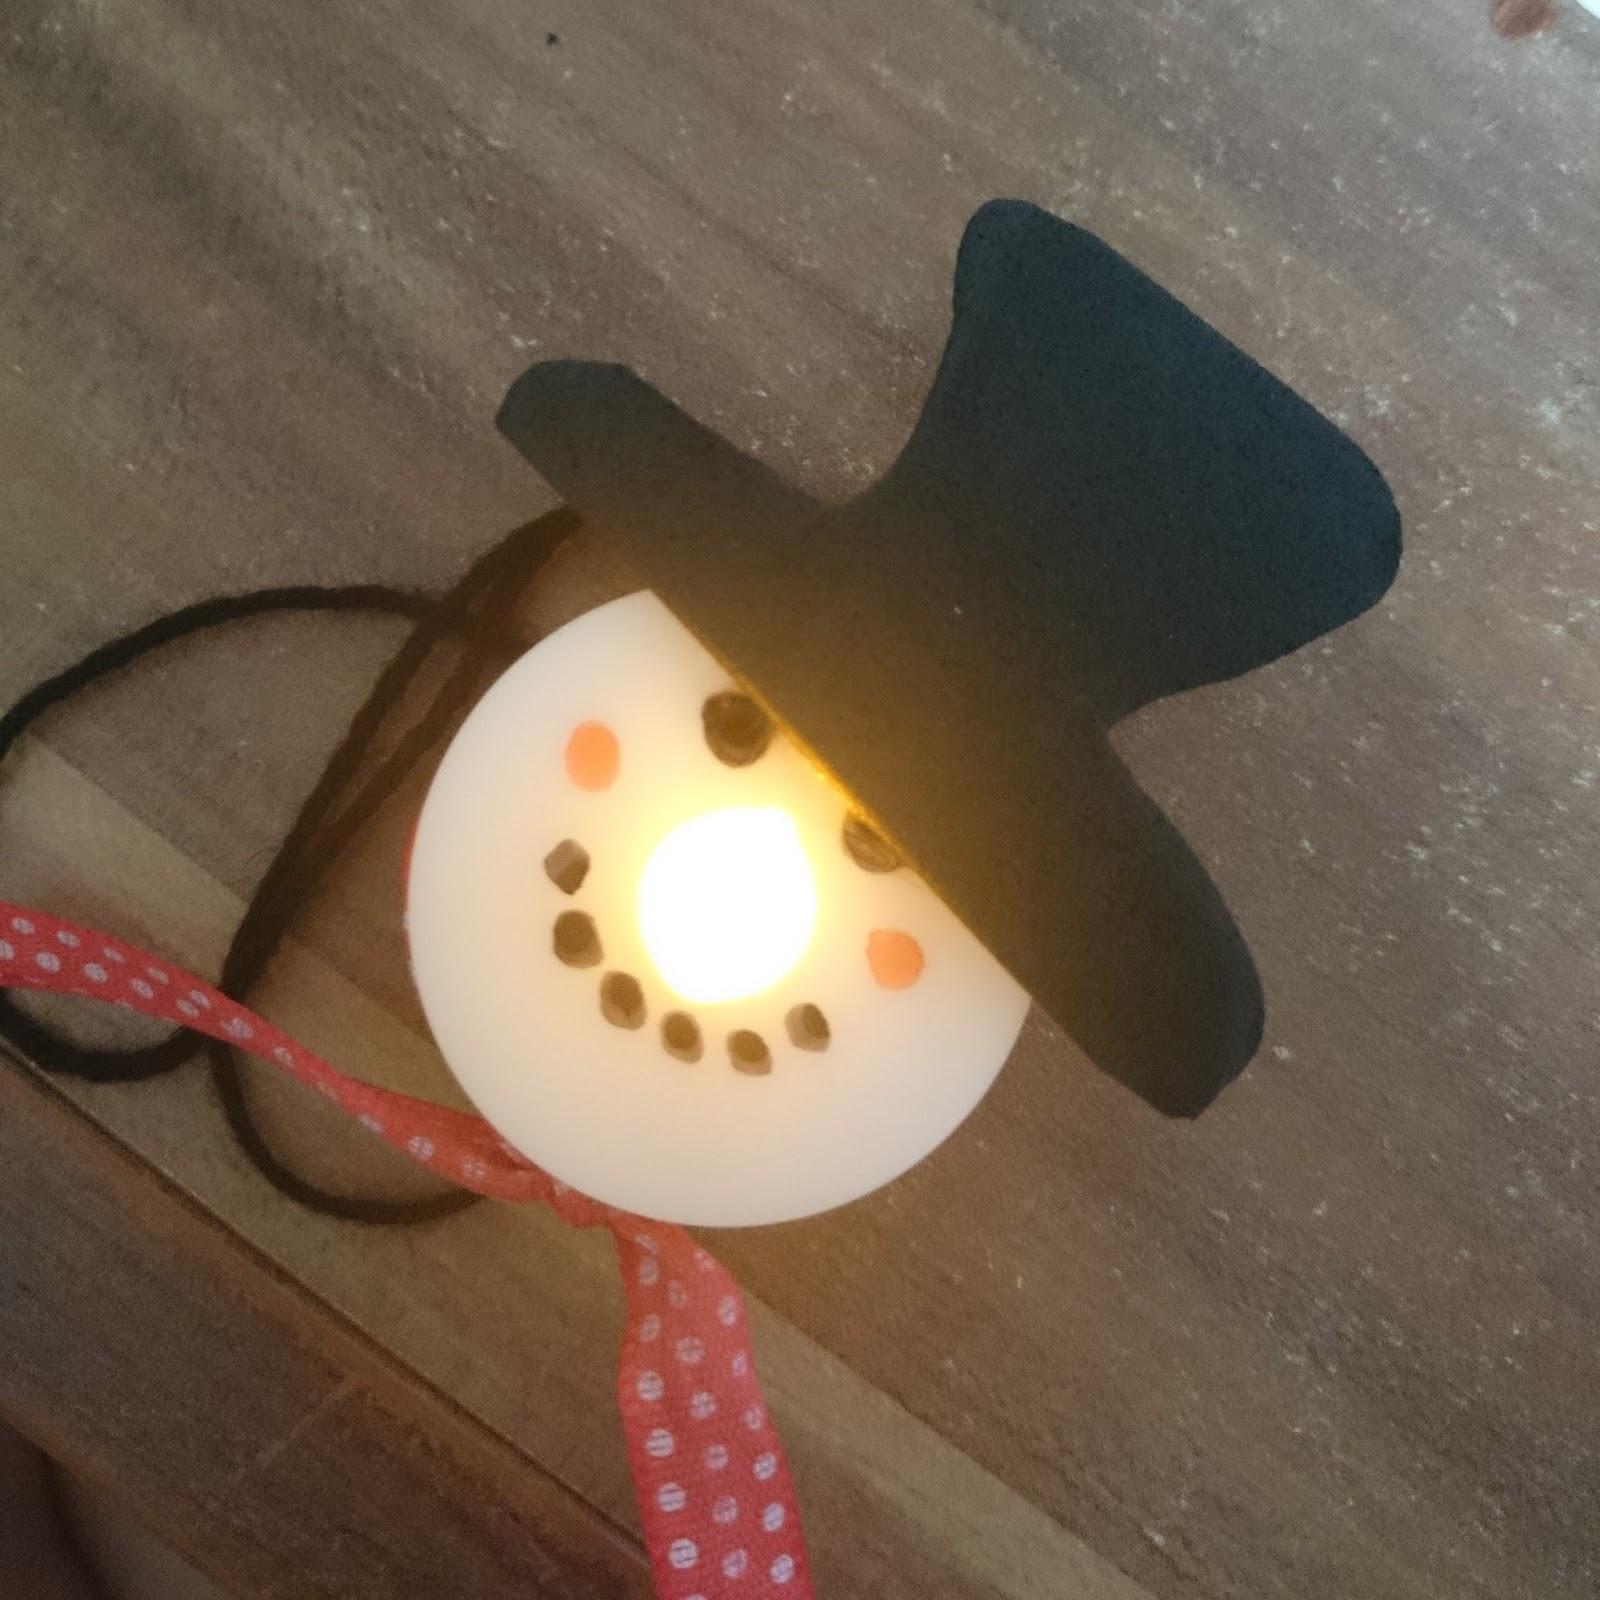 Diy Teelicht  Lucciola [DIY] LED Teelicht Schneemann